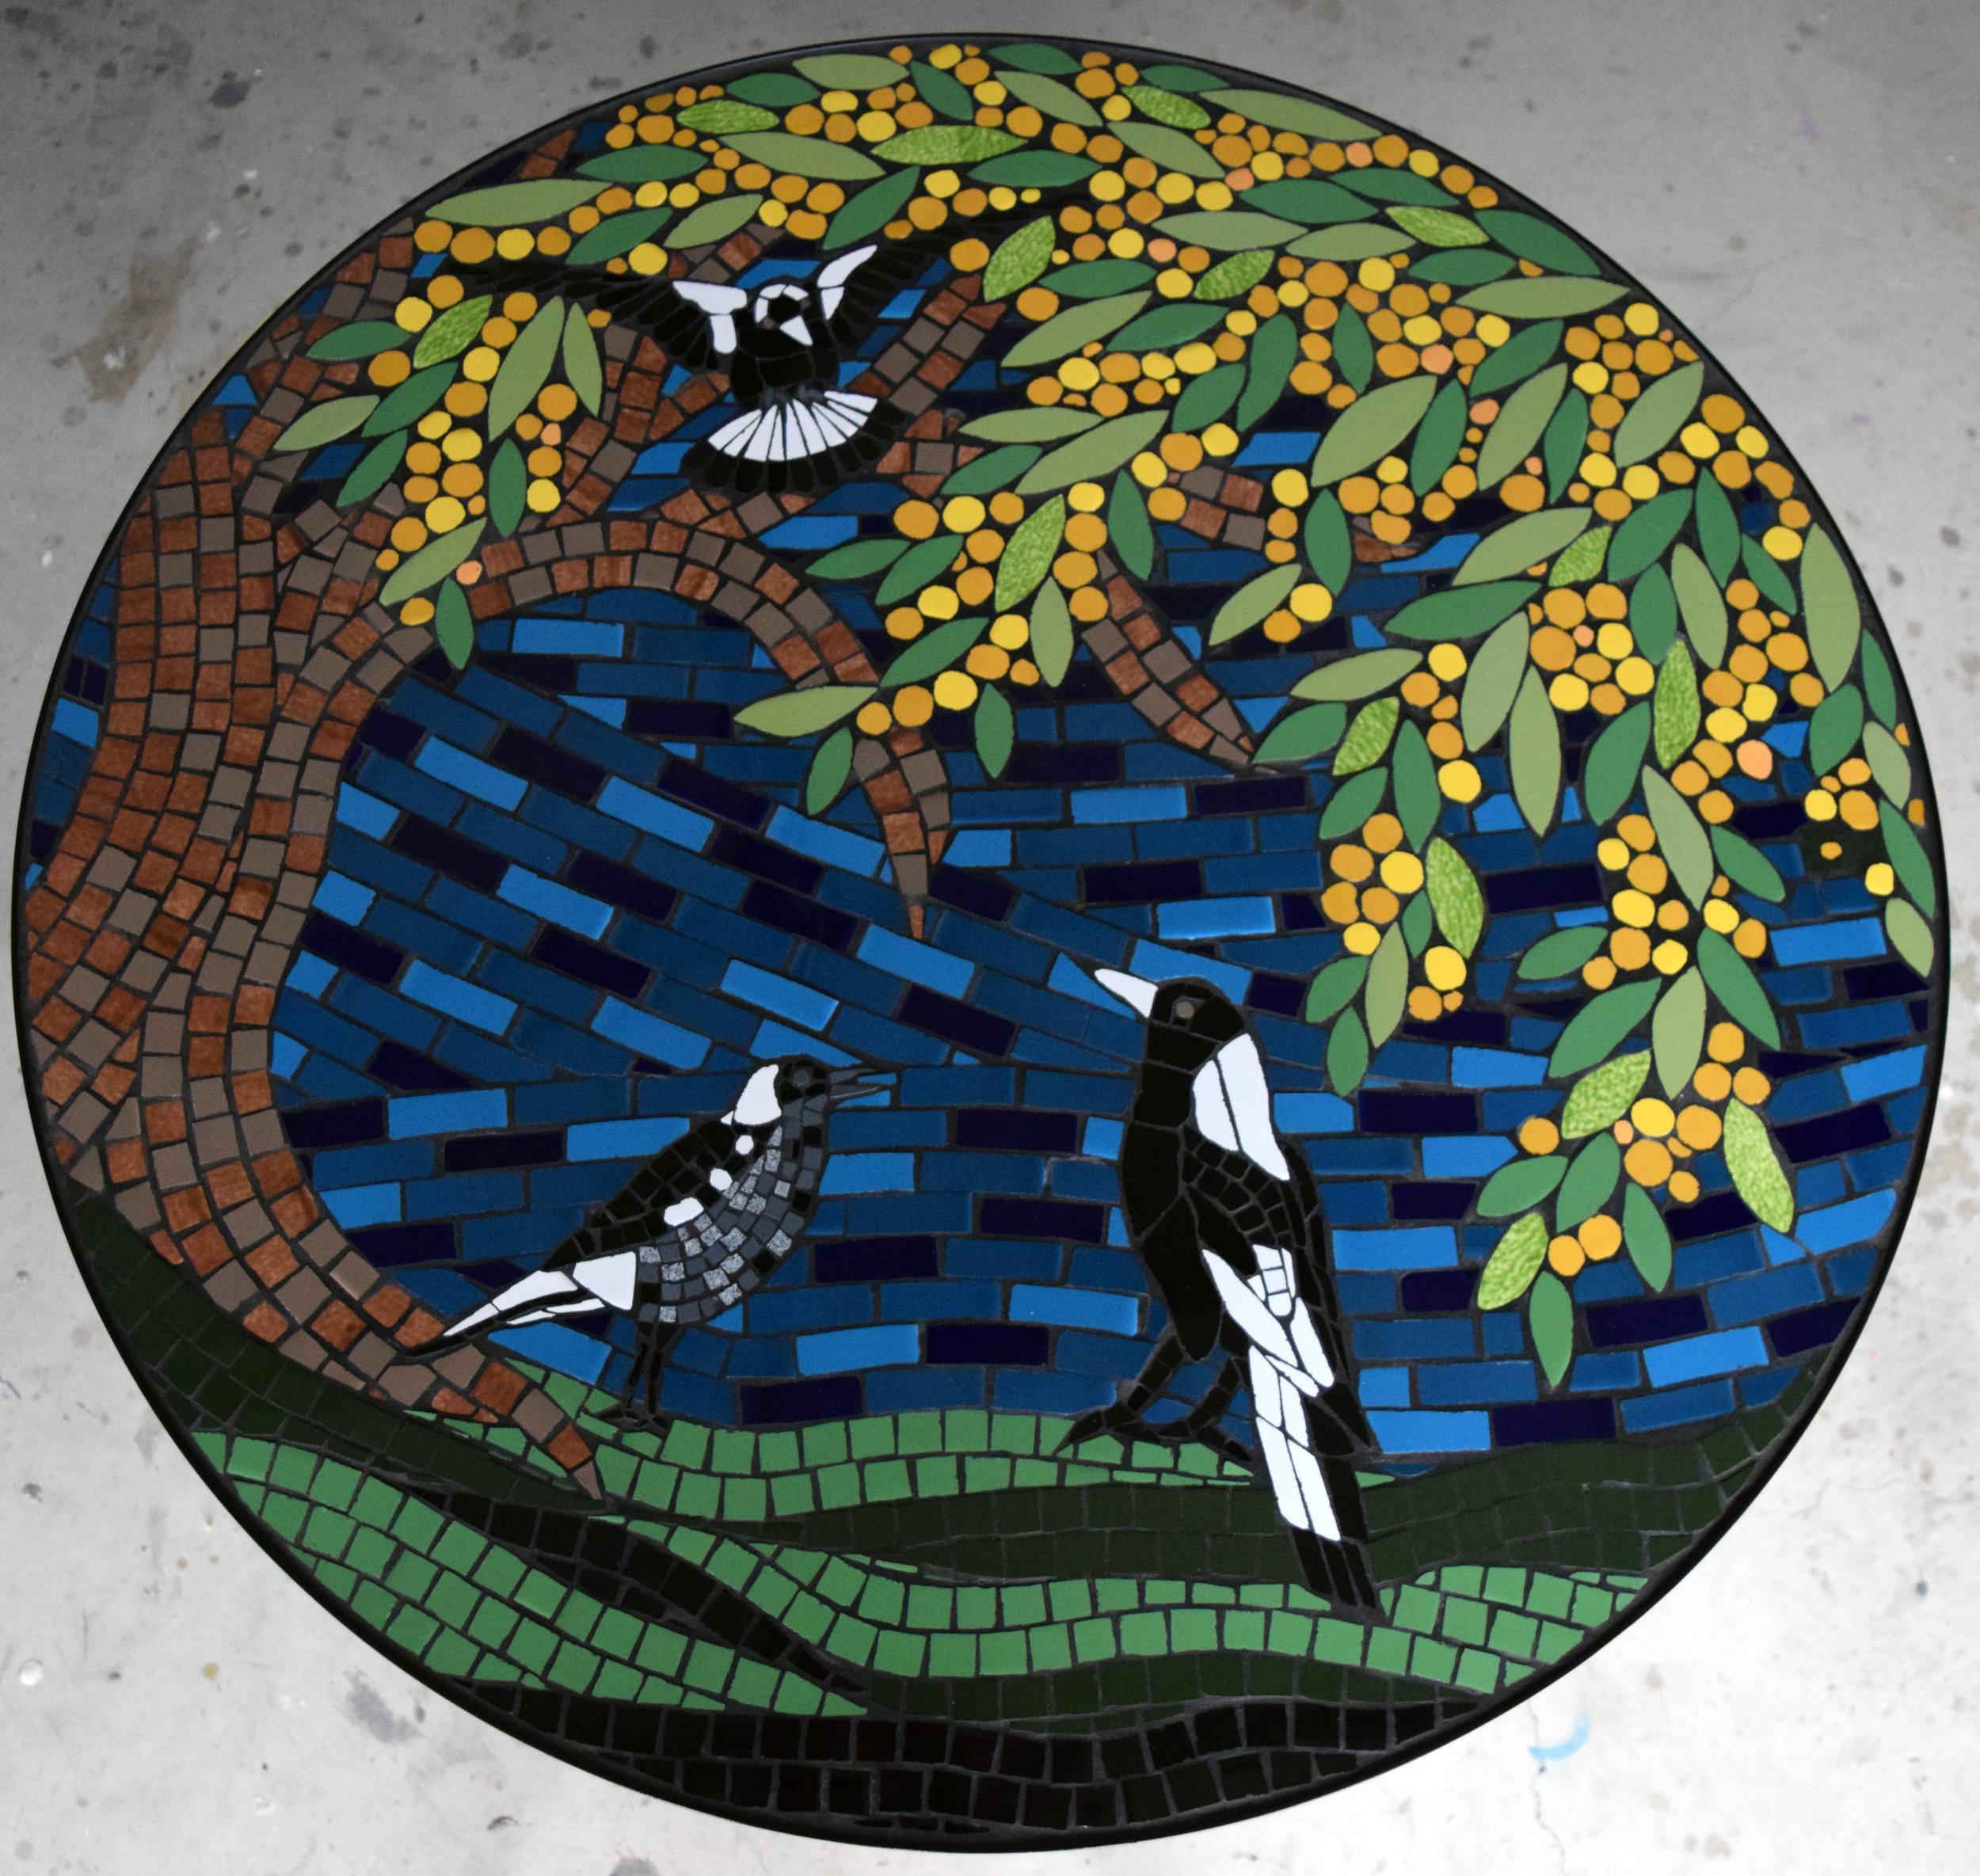 Magpie Table 90cm Diam. (Commission) (Ceramic)